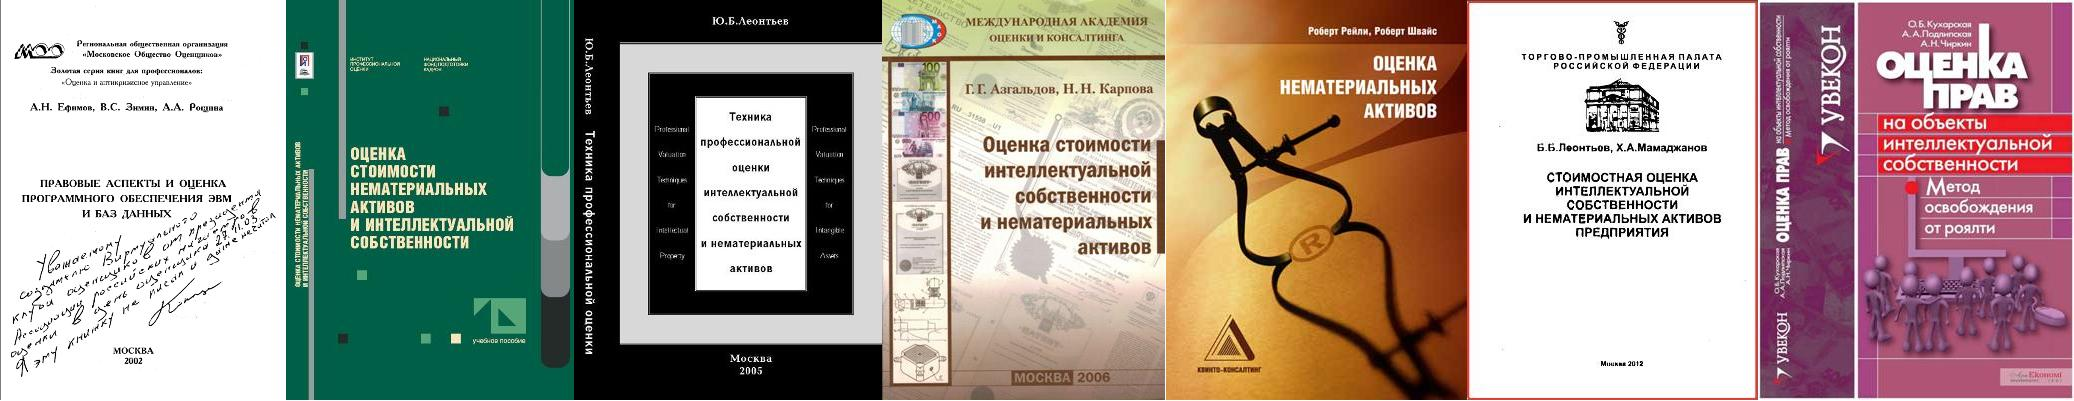 публикации по оценке интеллектуальной собственности